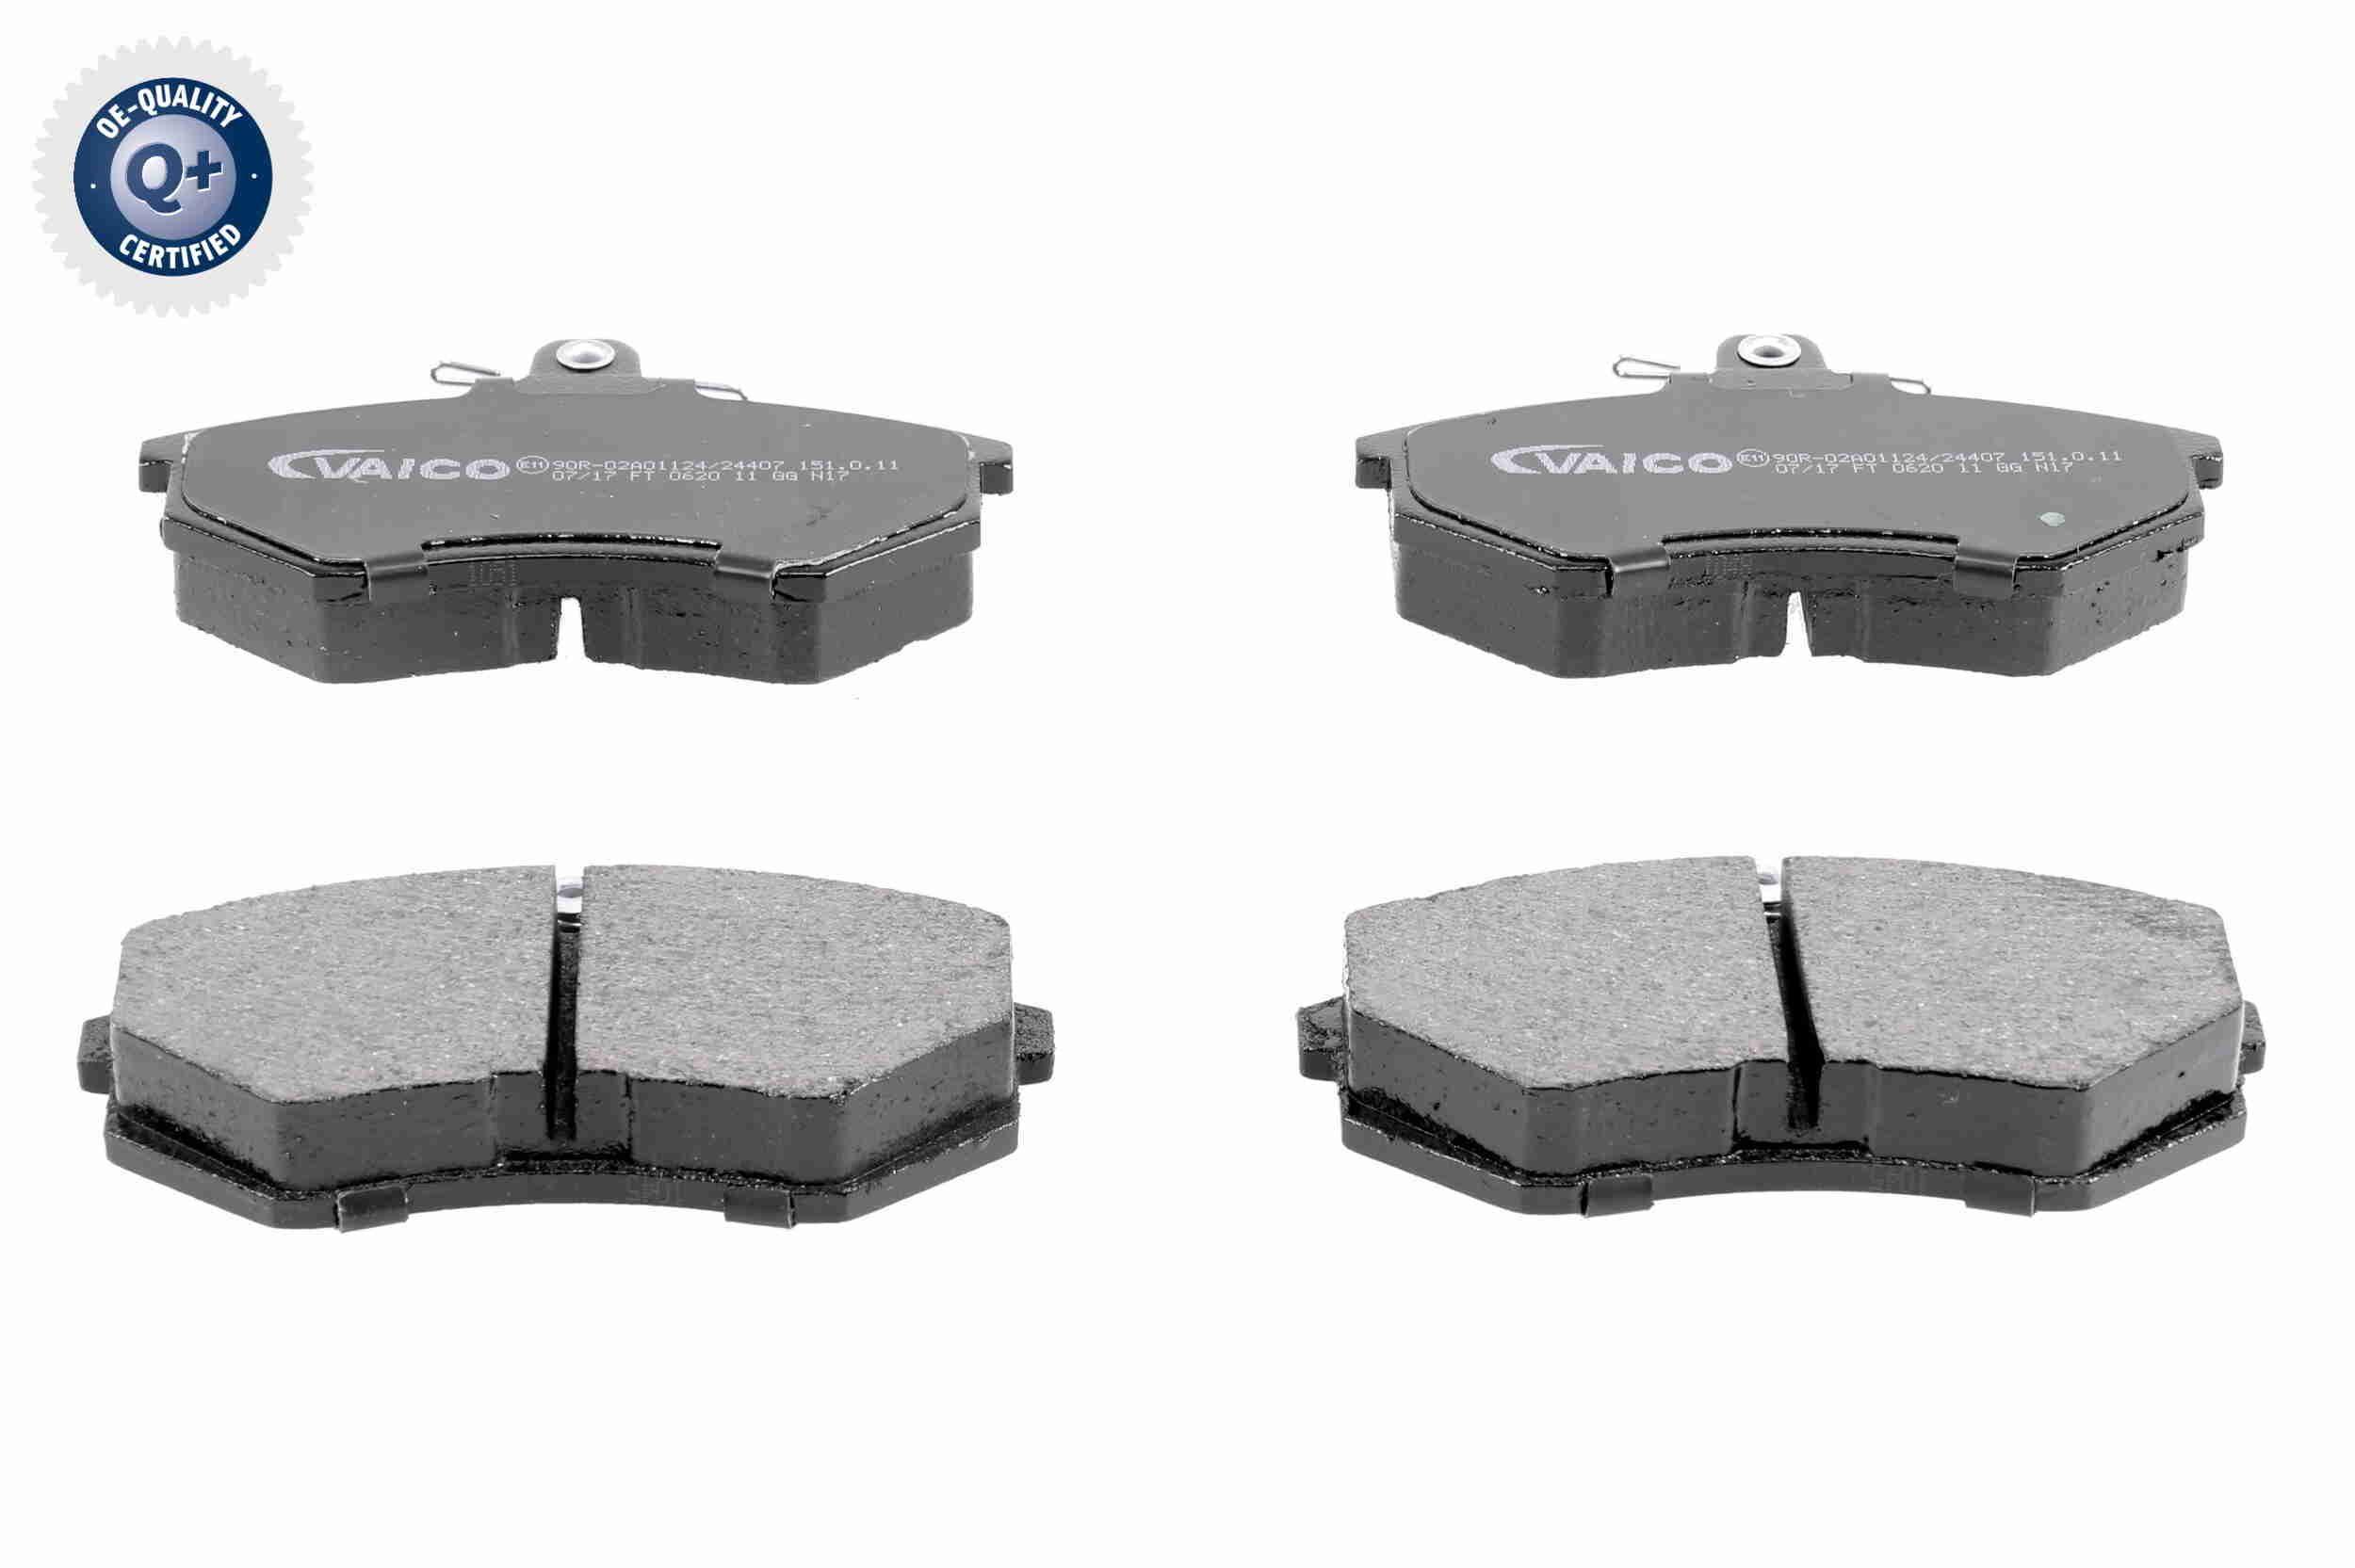 Bremsbeläge VAICO V10-8345